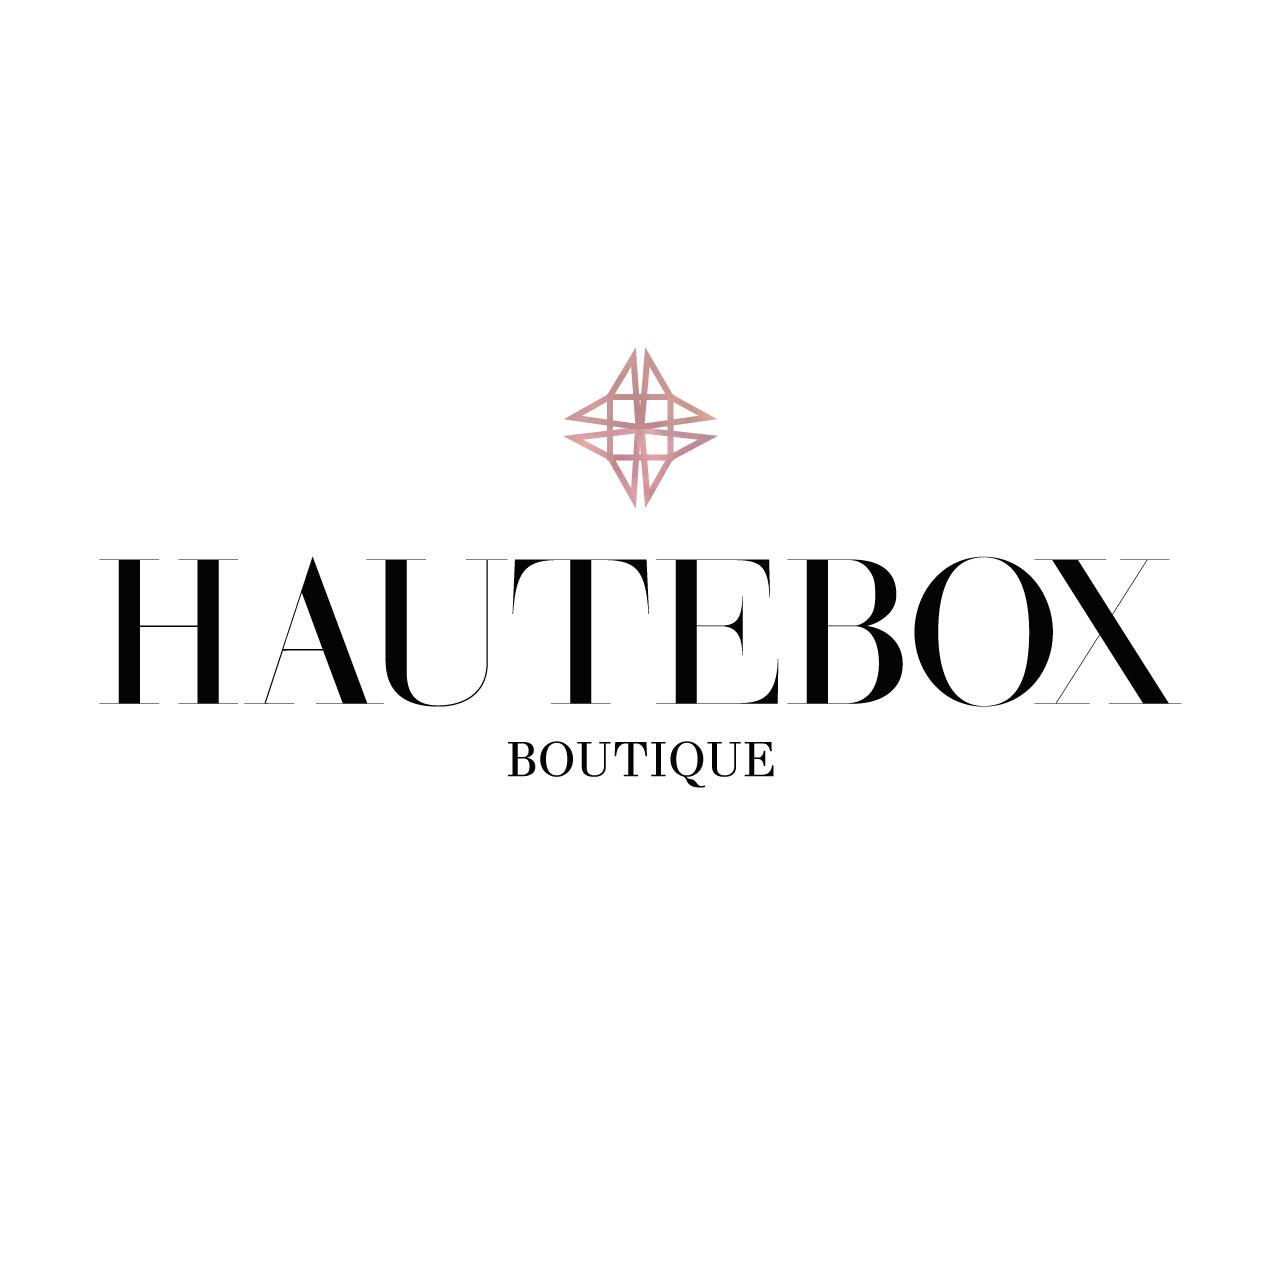 Hautebox Boutique